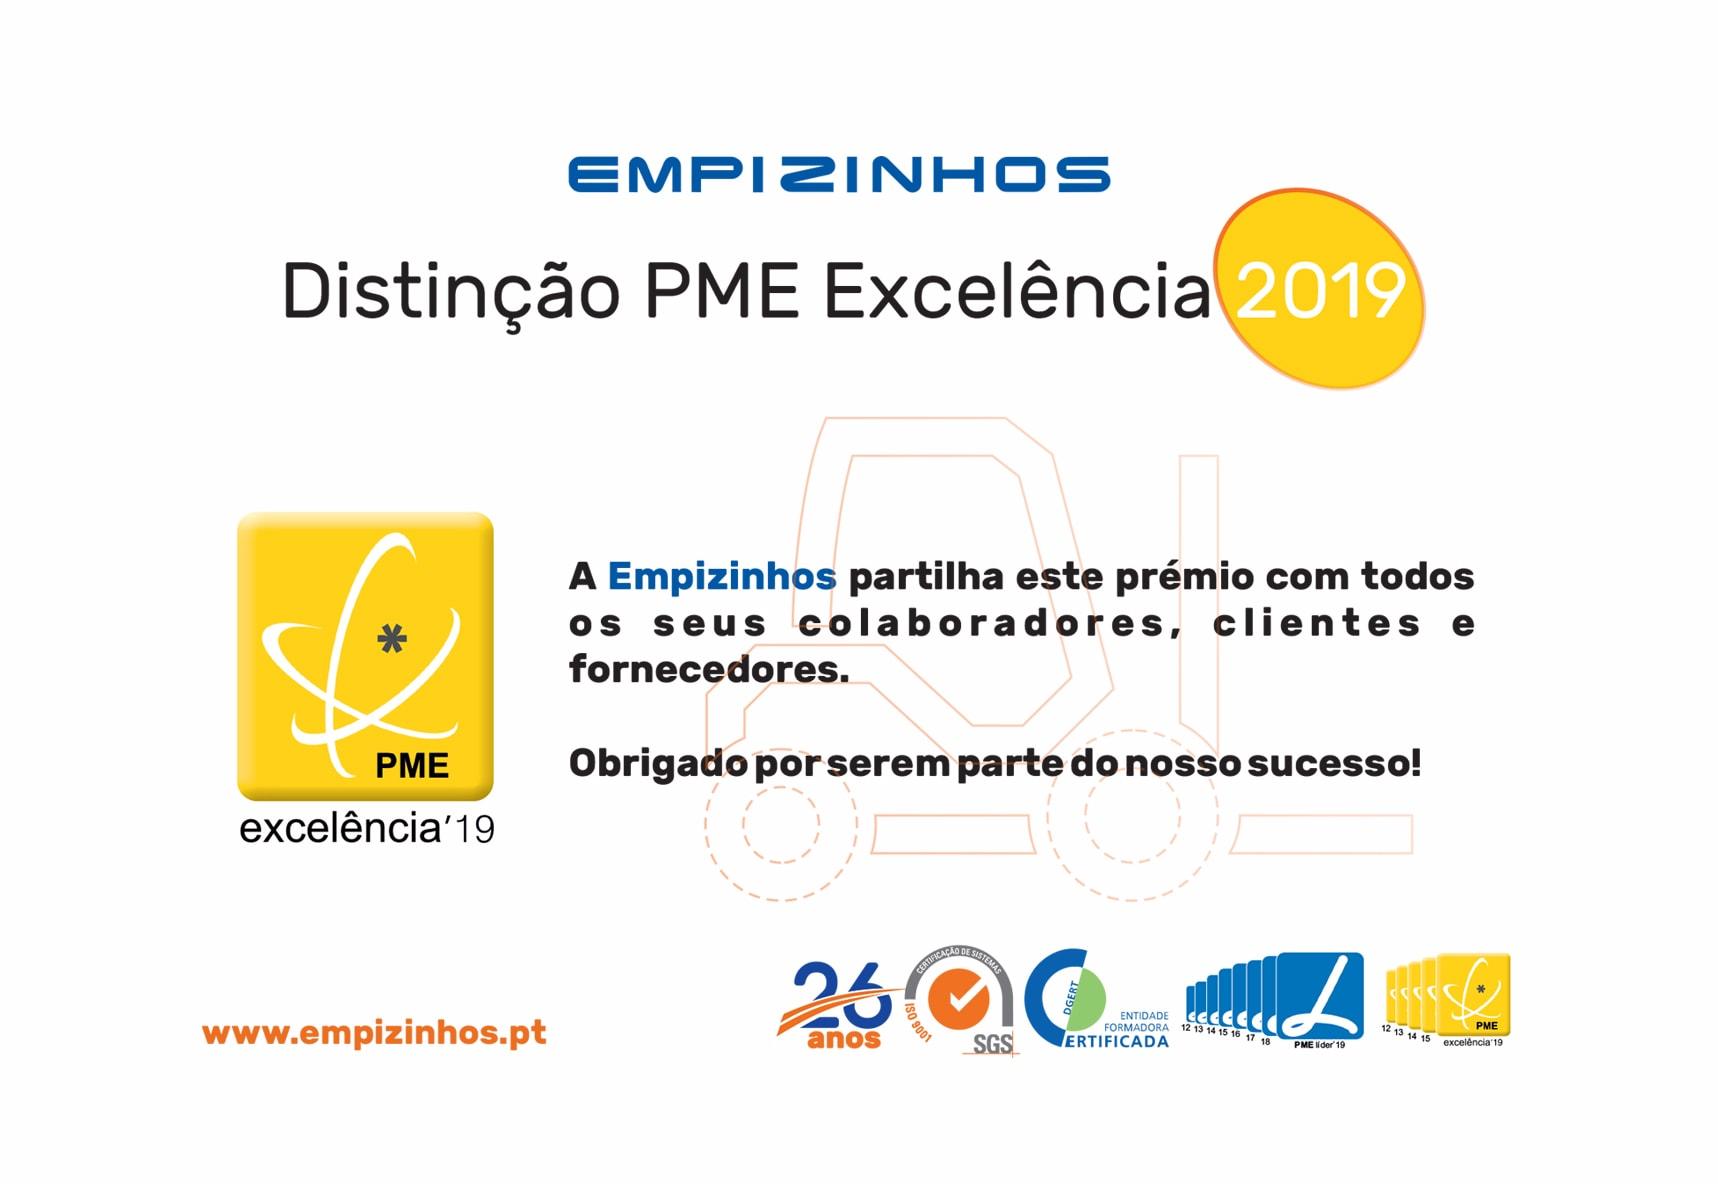 Distinção PME Excelência